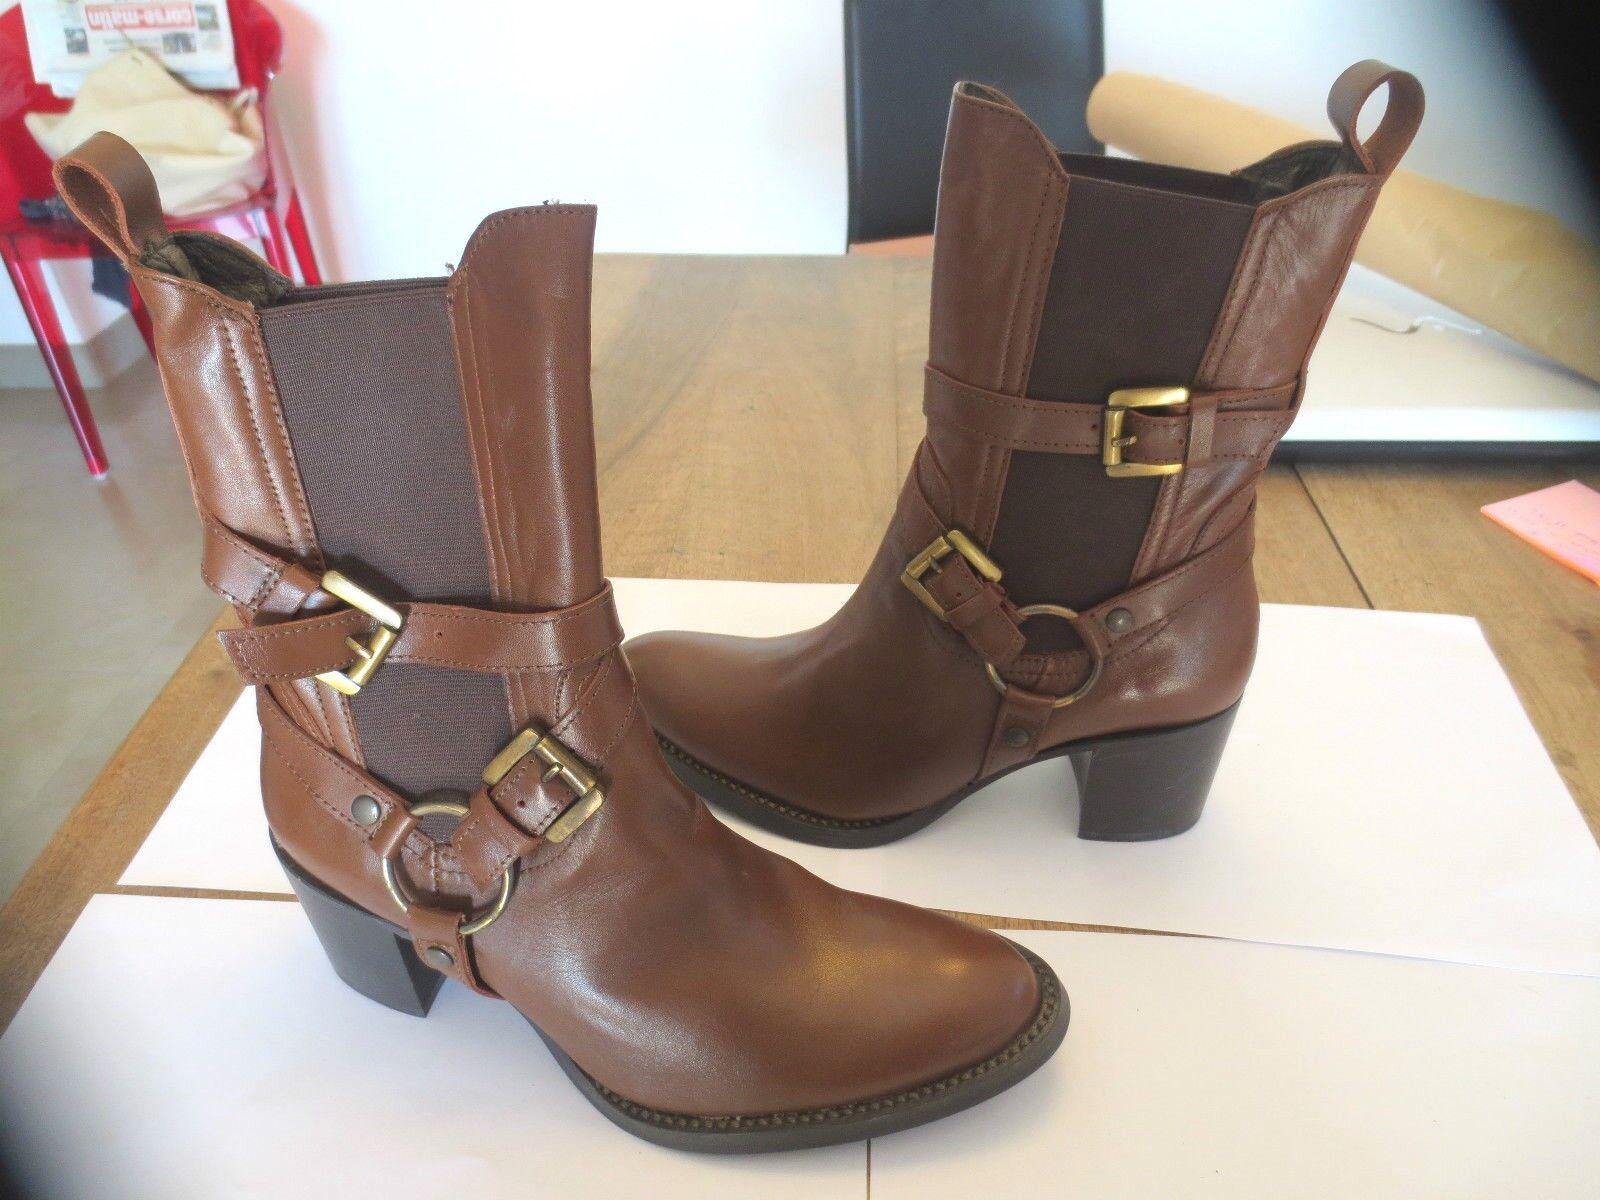 Boots M cuir camel M PAR M Boots NEUVE Talon 6,5cm Valeur 149E Pointures 38,40,41 2d5dd3